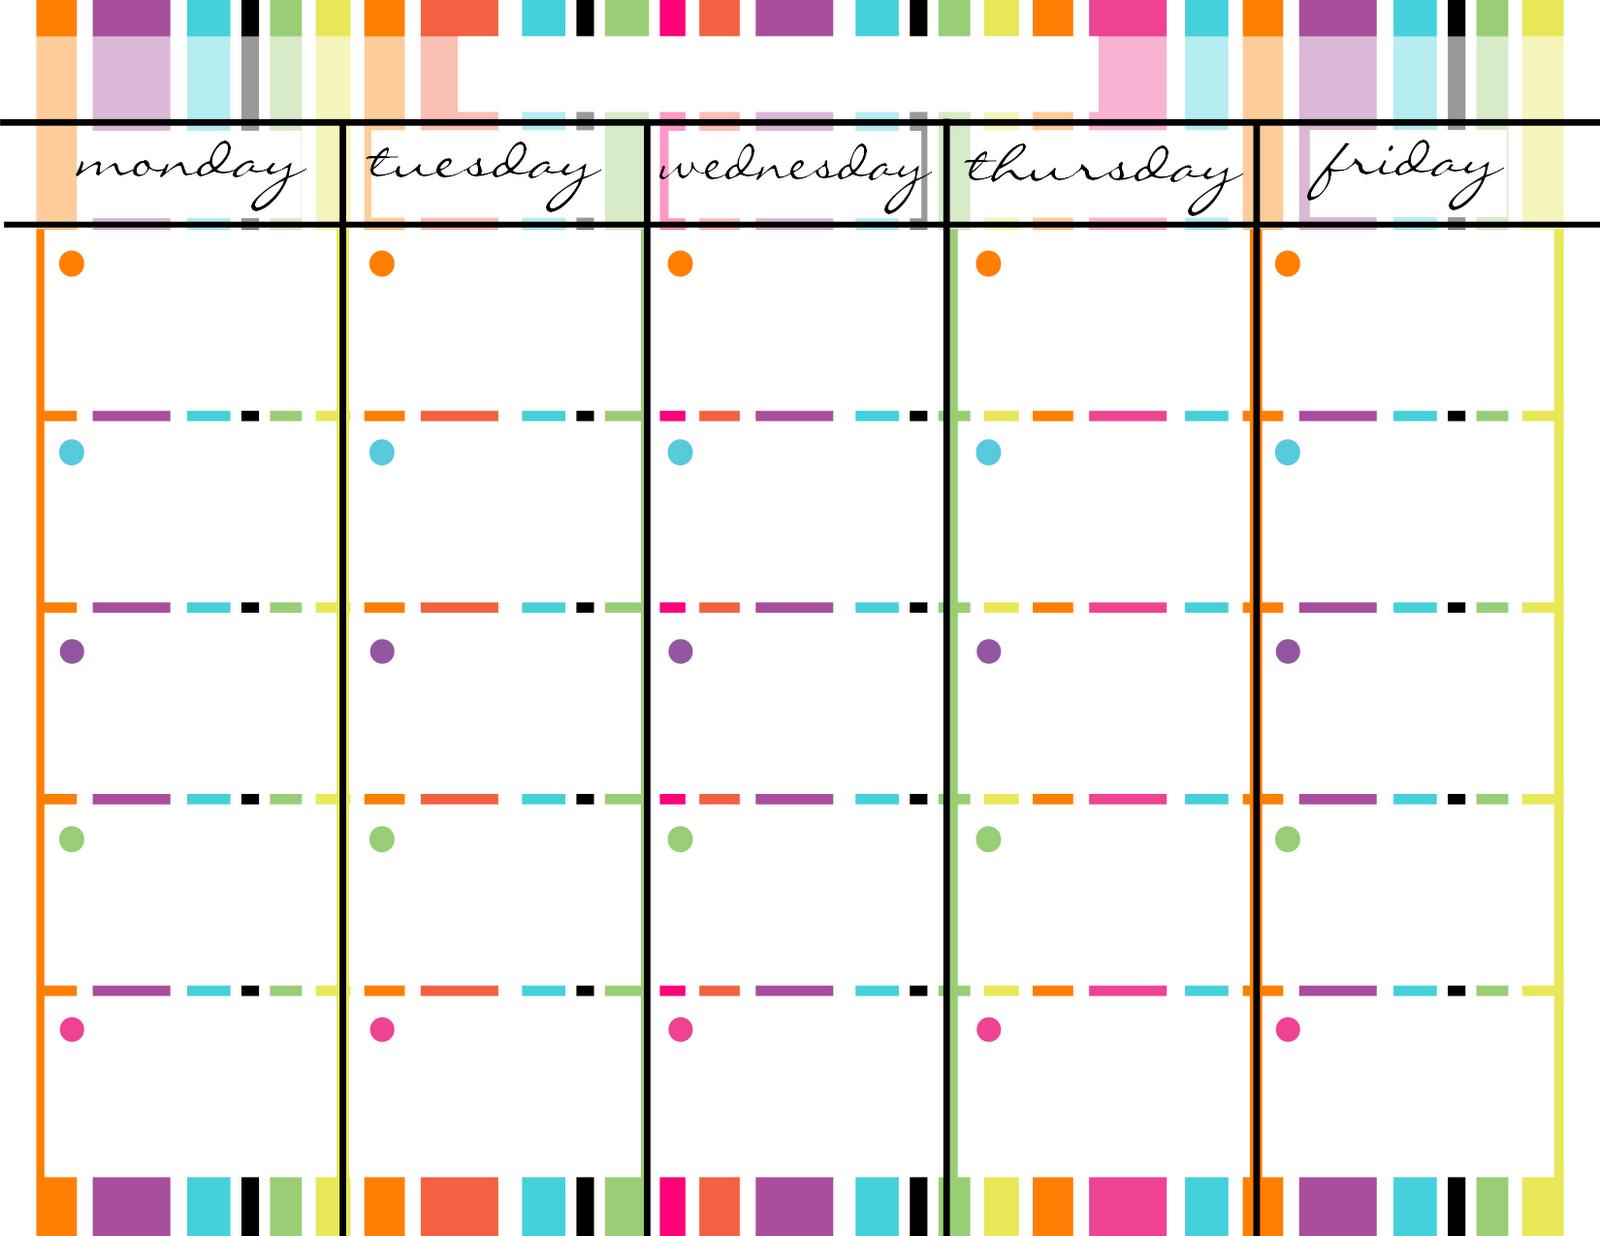 Blank Monday Through Friday Printable Calendar | Calendar Free Printable Monday To Friday Calendars